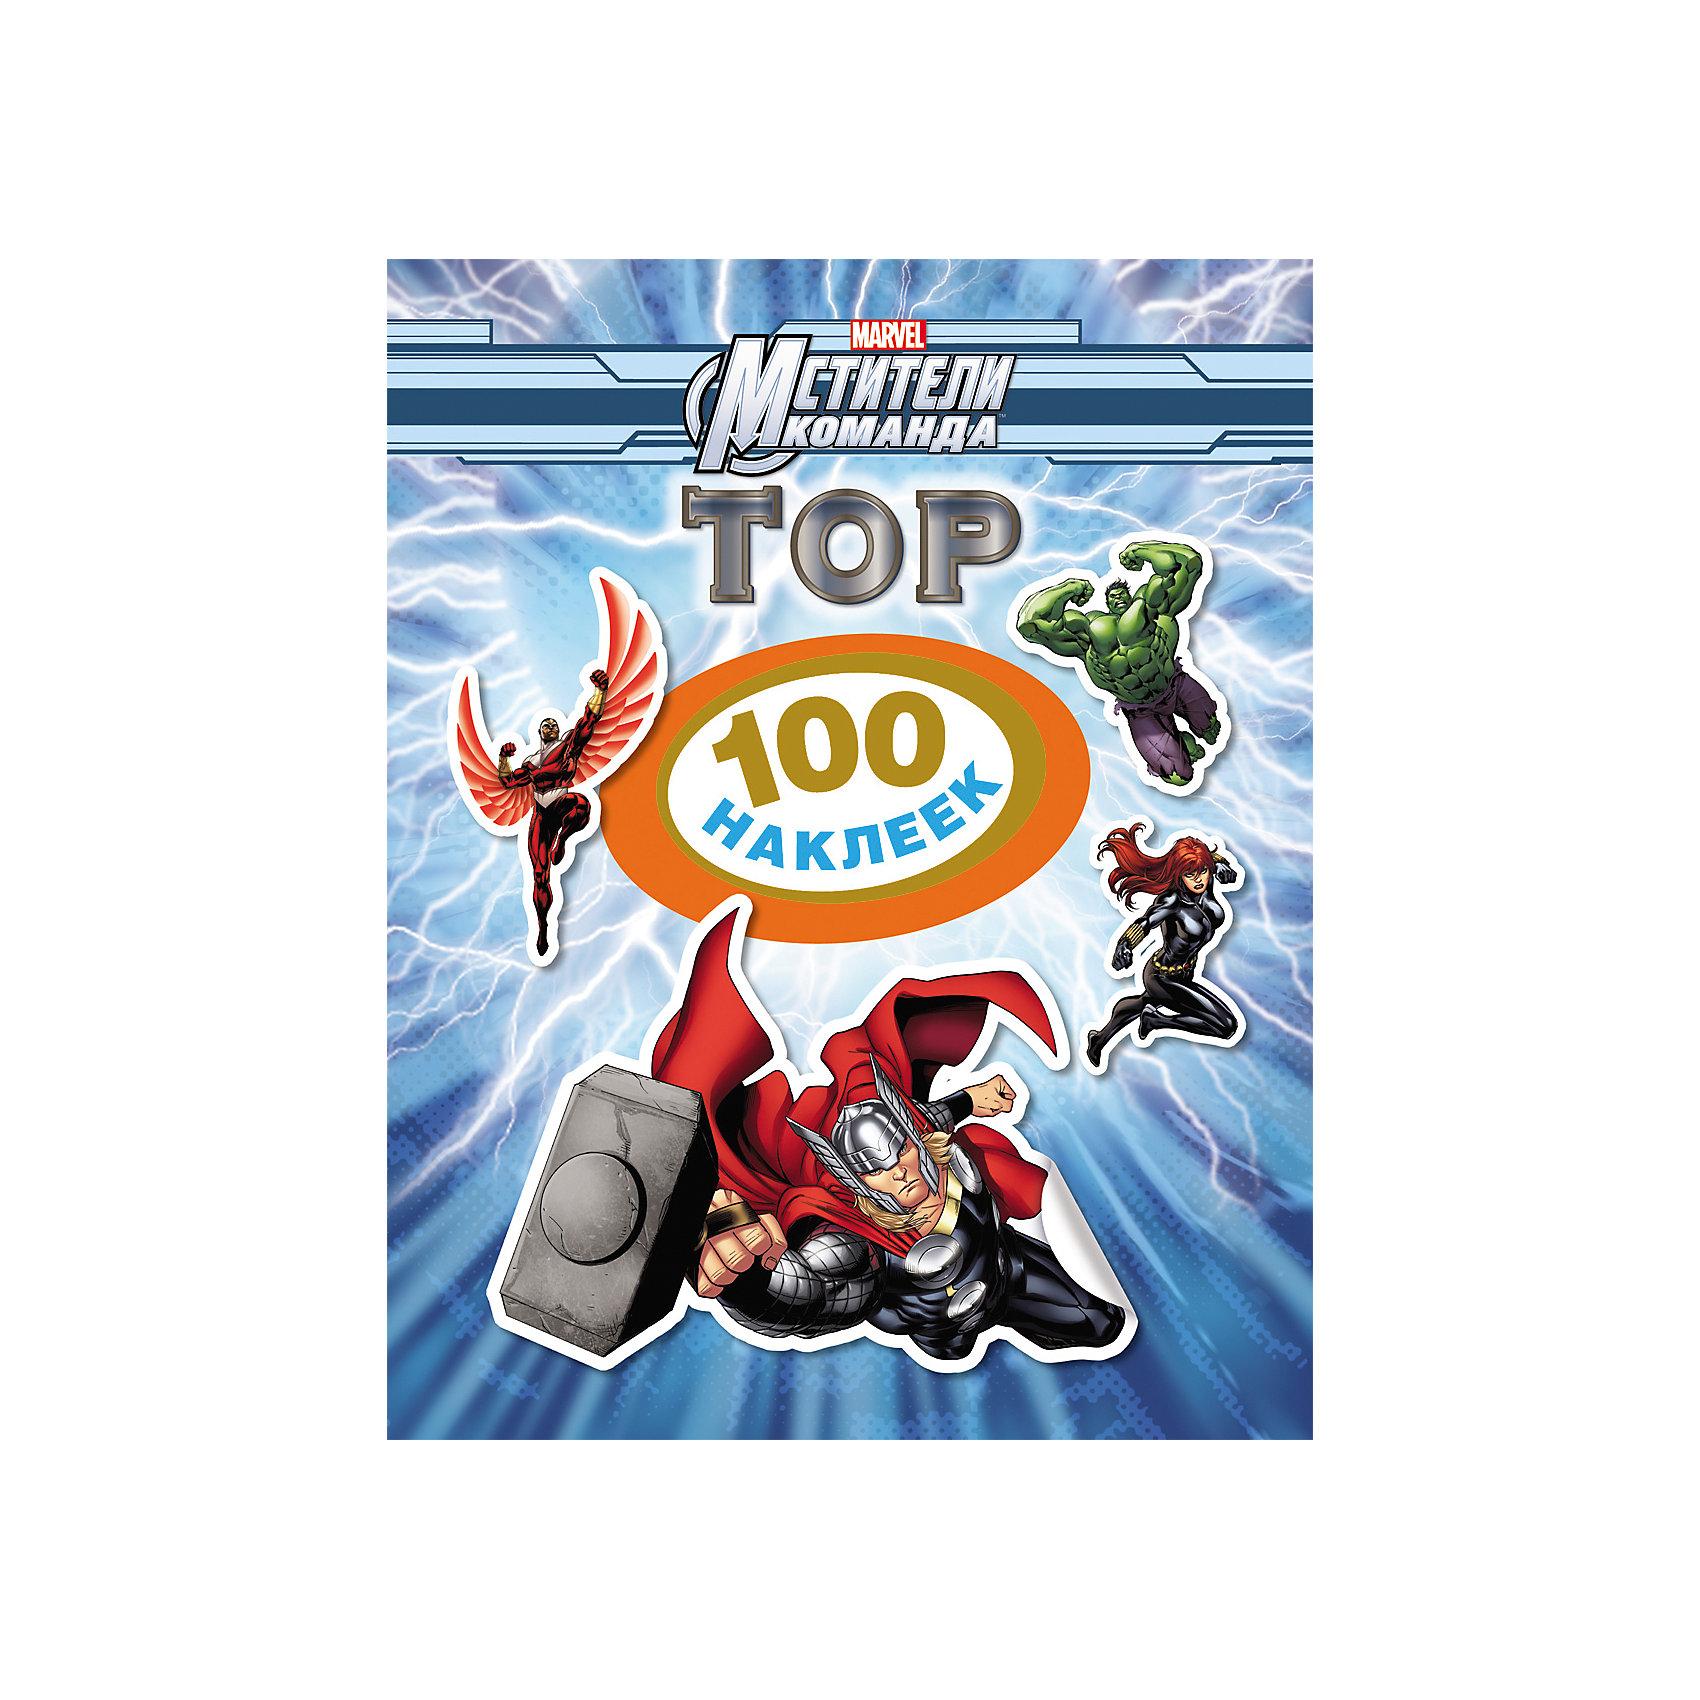 100 наклеек Тор, МстителиАльбом 100 наклеек Тор, Мстители, станет приятным сюрпризом для Вашего ребенка, особенно если он является поклонником популярных супергероев из фильмов и комиксов Мстители (The Avengers). В альбоме содержится 100 тематических наклеек с красочными изображениями любимых персонажей, их оружия и атрибутов. Наклейки прекрасно подойдут для украшения рисунков, тетрадей, различных предметов и игрушек.<br><br>Дополнительная информация:<br><br>- Обложка: мягкая.<br>- Иллюстрации: цветные.<br>- Объем: 8 стр.<br>- Размер: 20 х 15 х 0,3 см.<br>- Вес: 30 гр.<br><br>100 наклеек Тор, Мстители, Росмэн, можно купить в нашем интернет-магазине.<br><br>Ширина мм: 200<br>Глубина мм: 150<br>Высота мм: 3<br>Вес г: 30<br>Возраст от месяцев: 36<br>Возраст до месяцев: 96<br>Пол: Мужской<br>Возраст: Детский<br>SKU: 4408698